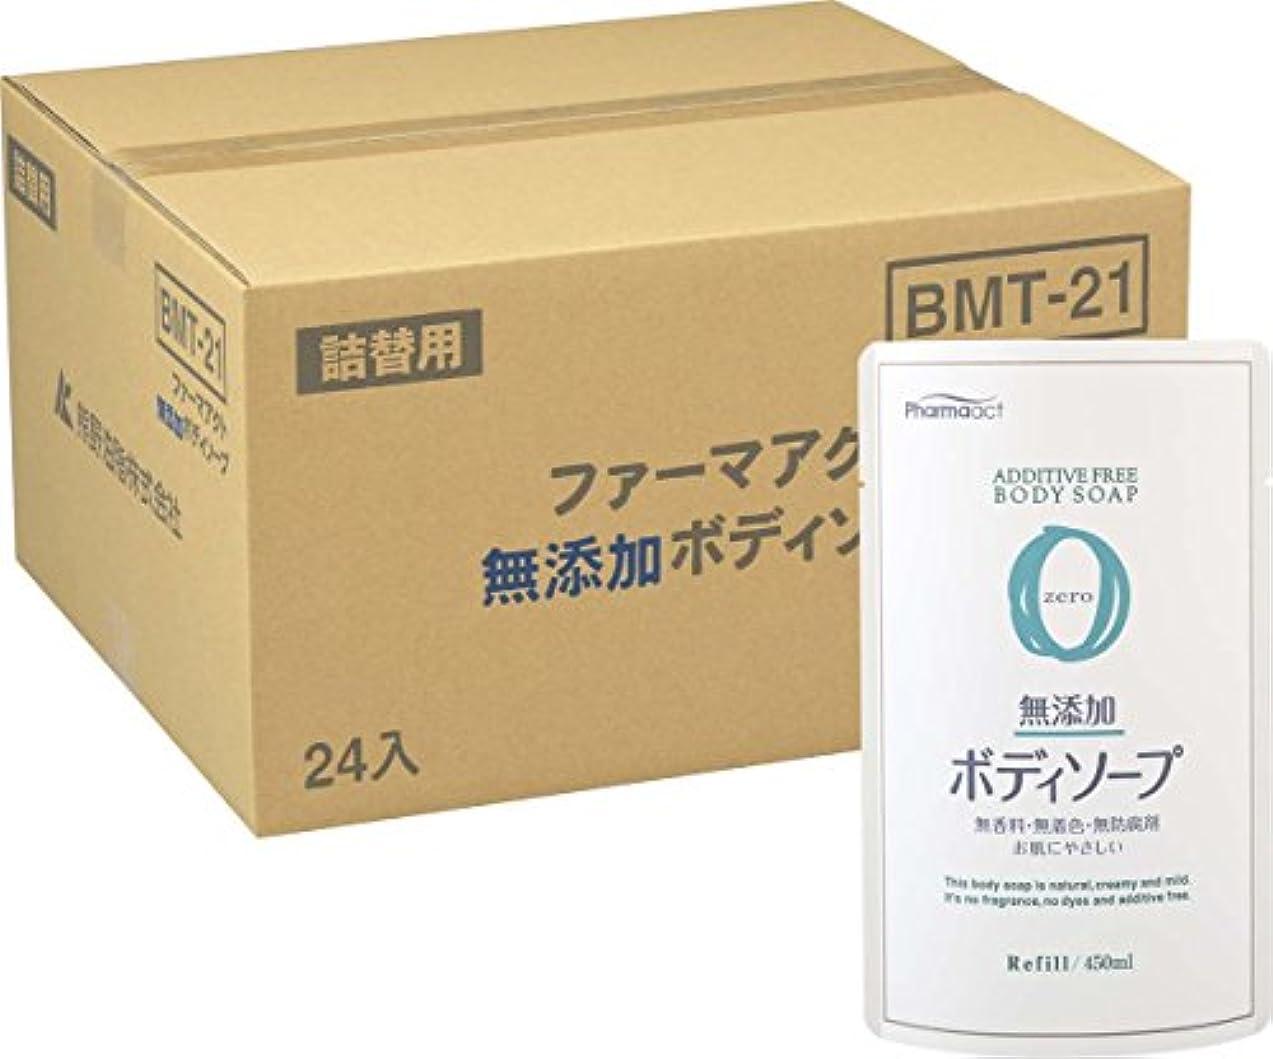 返還帳面ボート【ケース販売】ファーマアクト 無添加ボディソープ詰替用 450ml×24個入